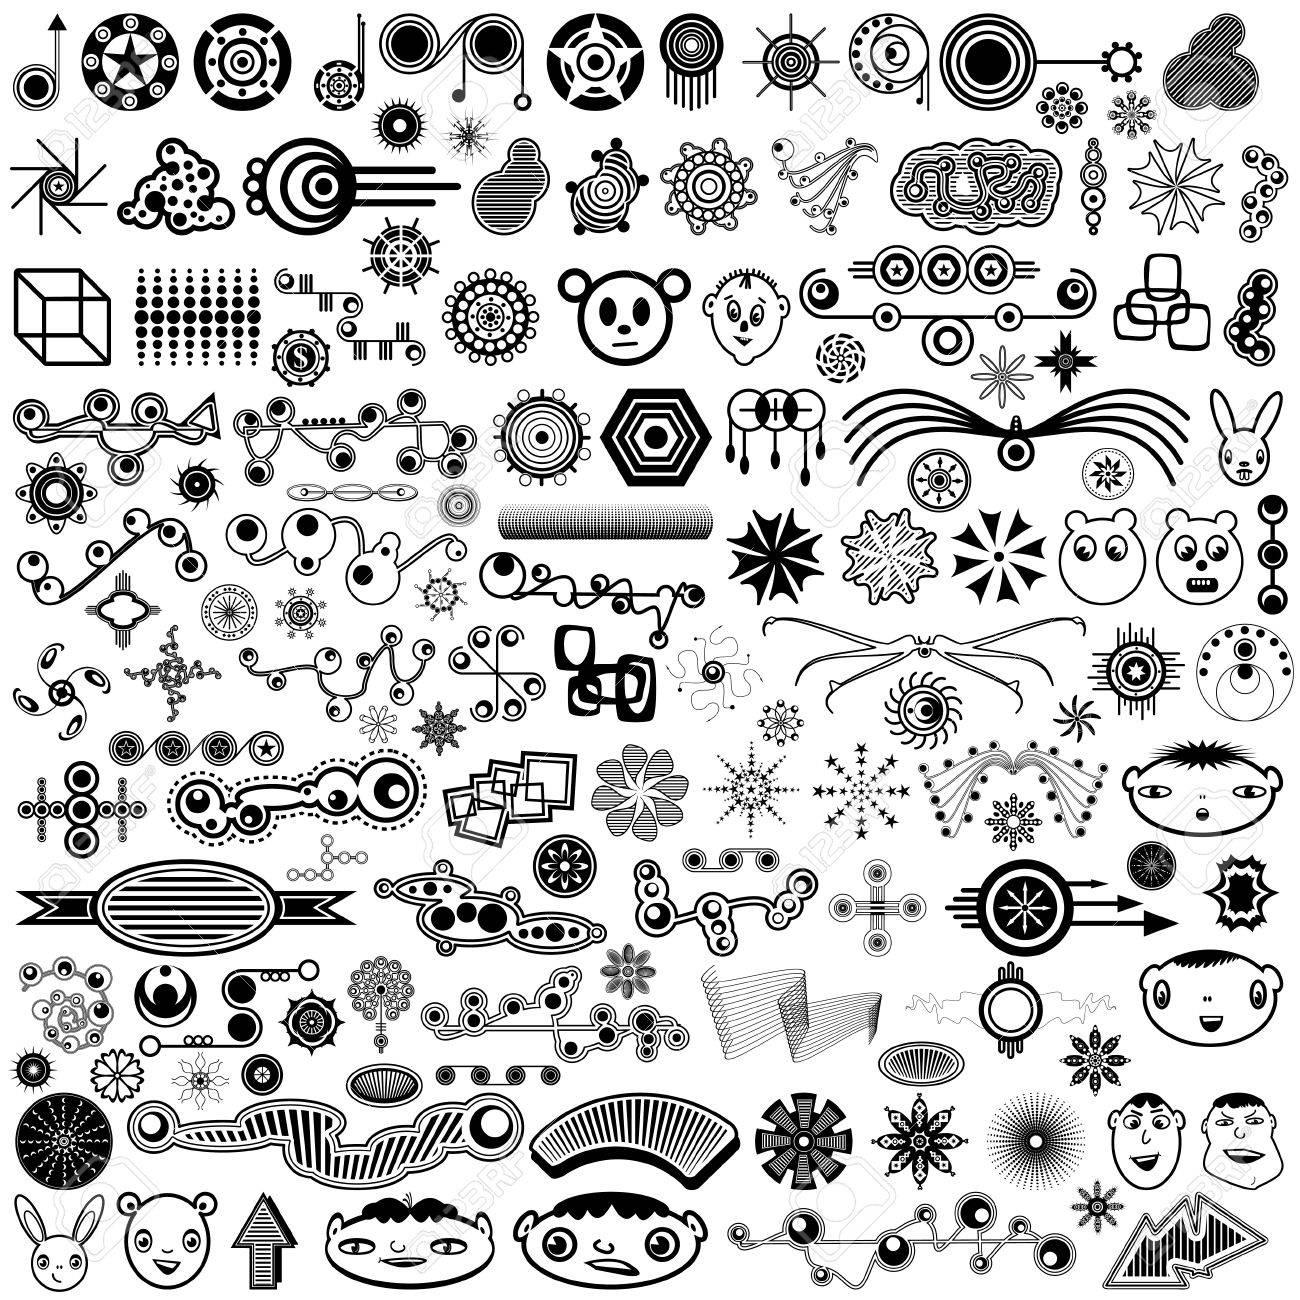 A huge set of a variety of highly original, unique, trendy design elements or brush set illustration. - 11452992